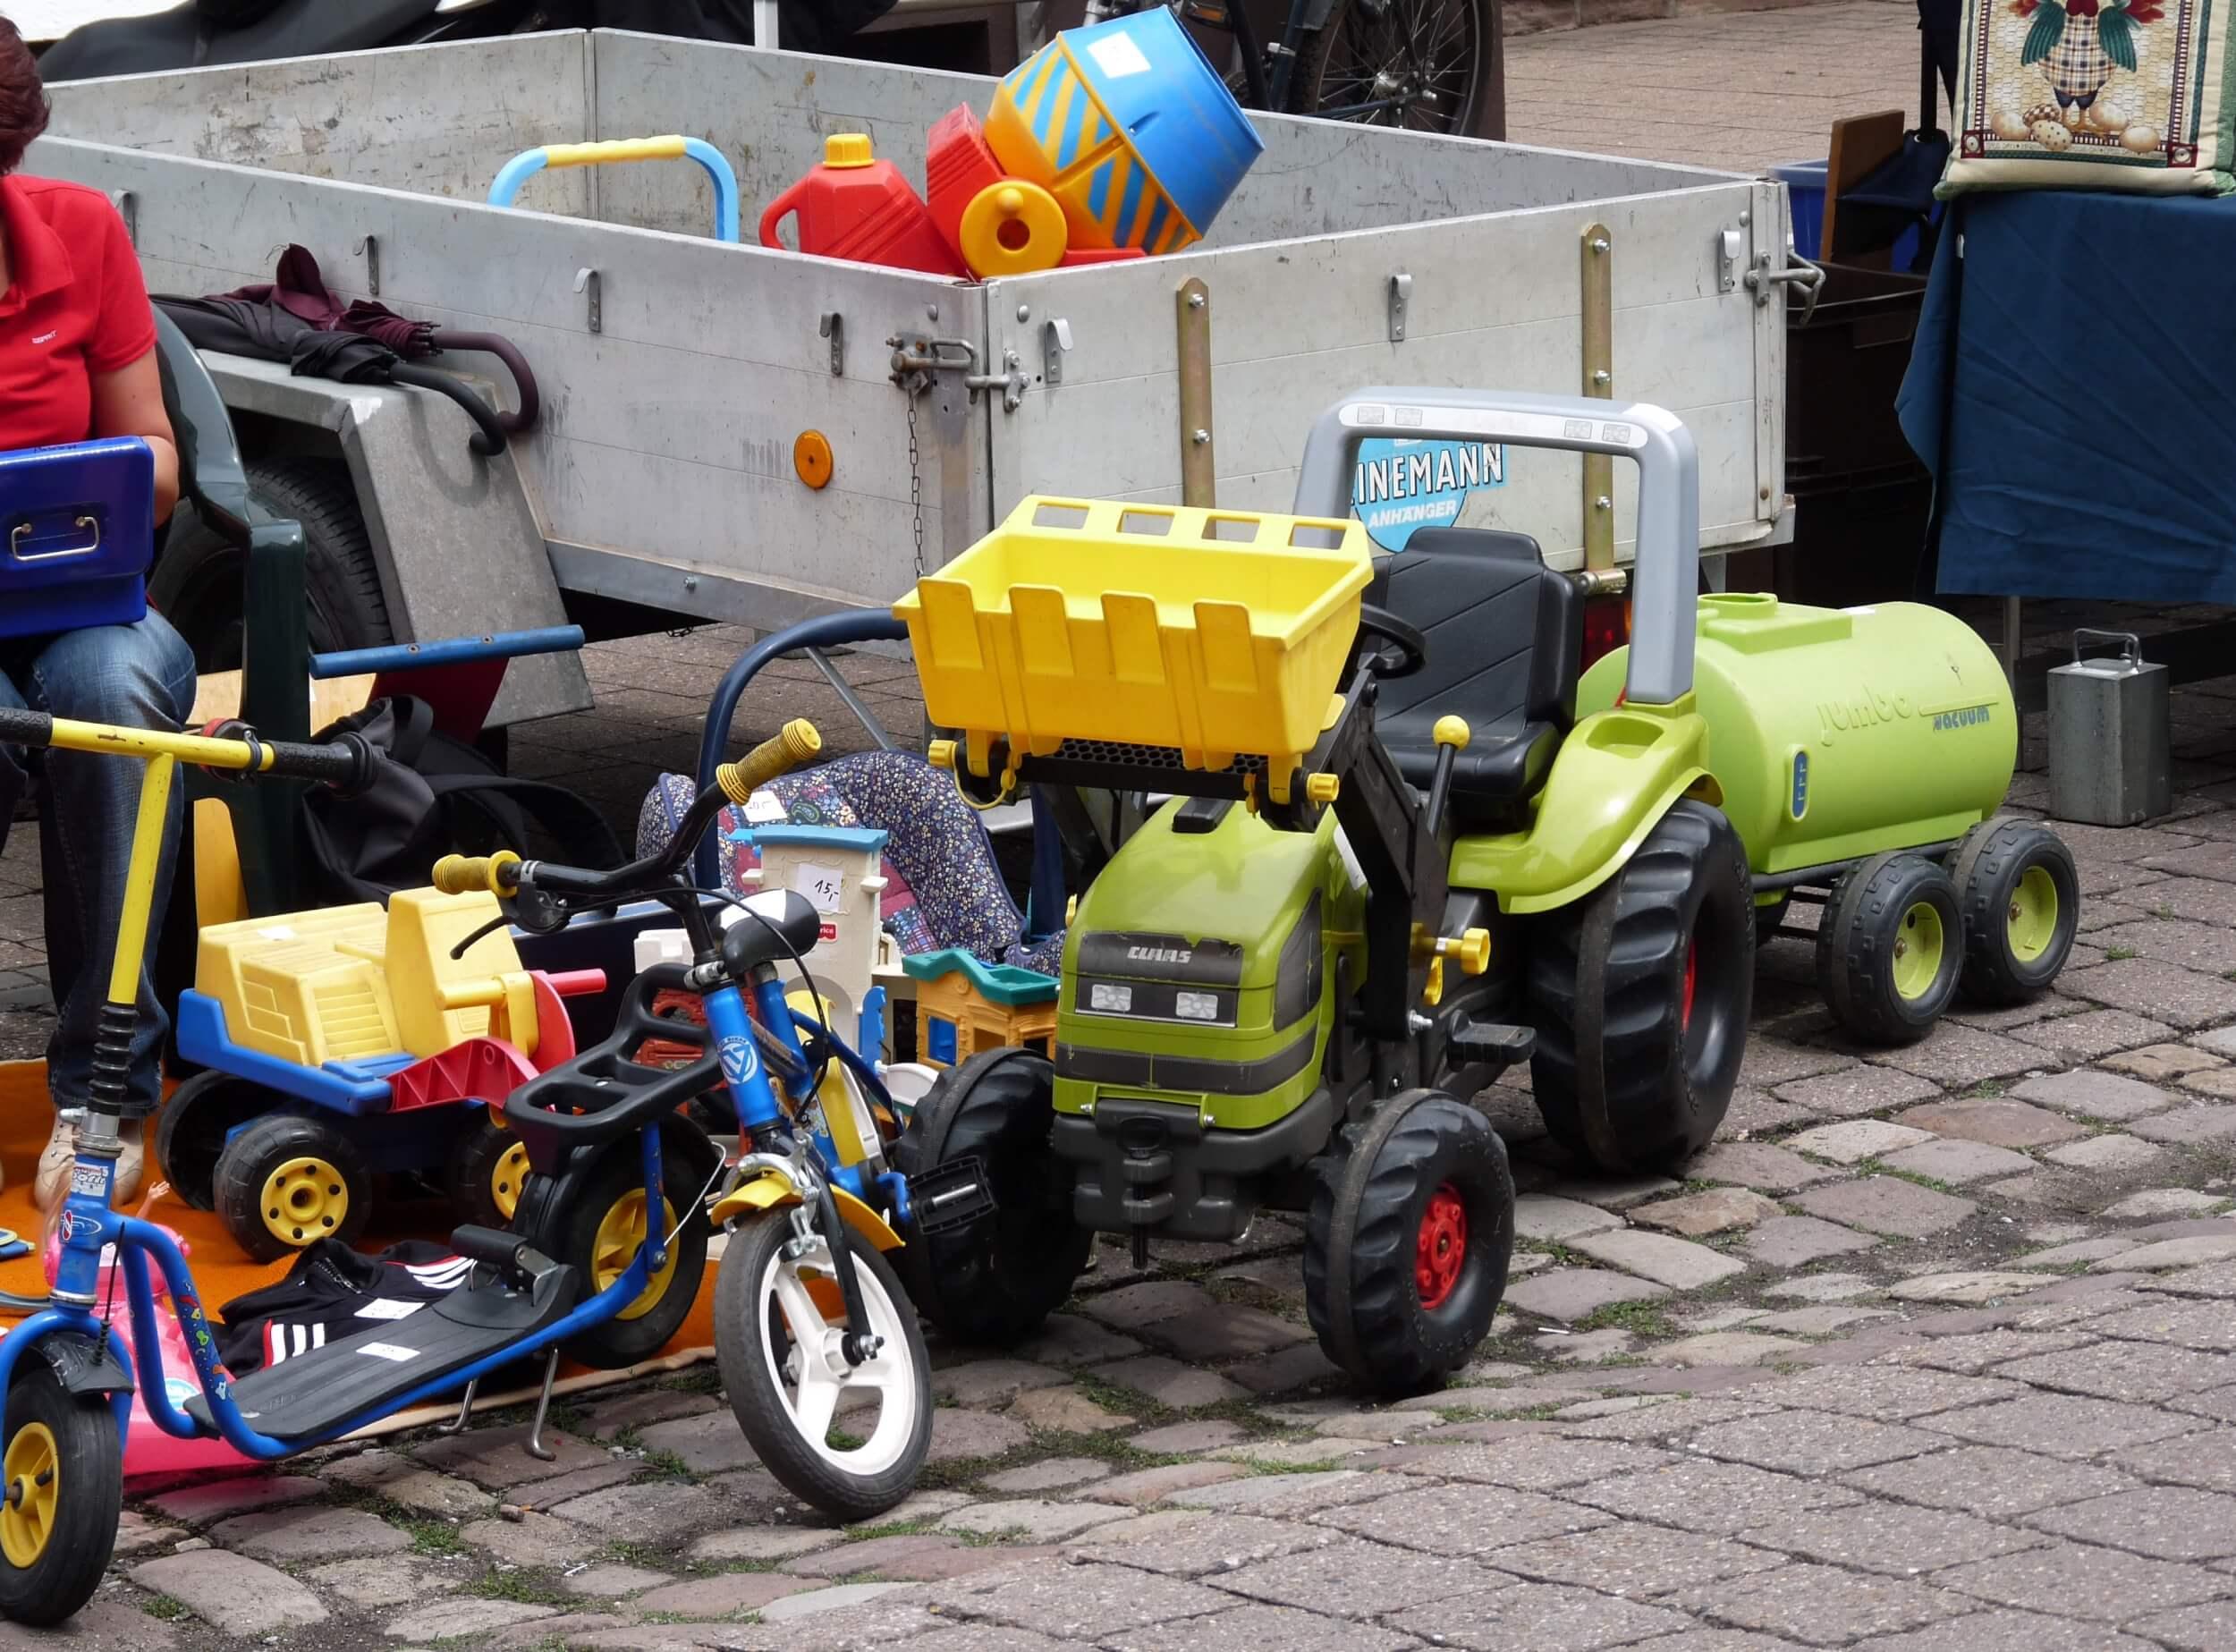 Trödelmarkt mit Kinderspielzeug (c) Dieter Schütz / pixelio.de